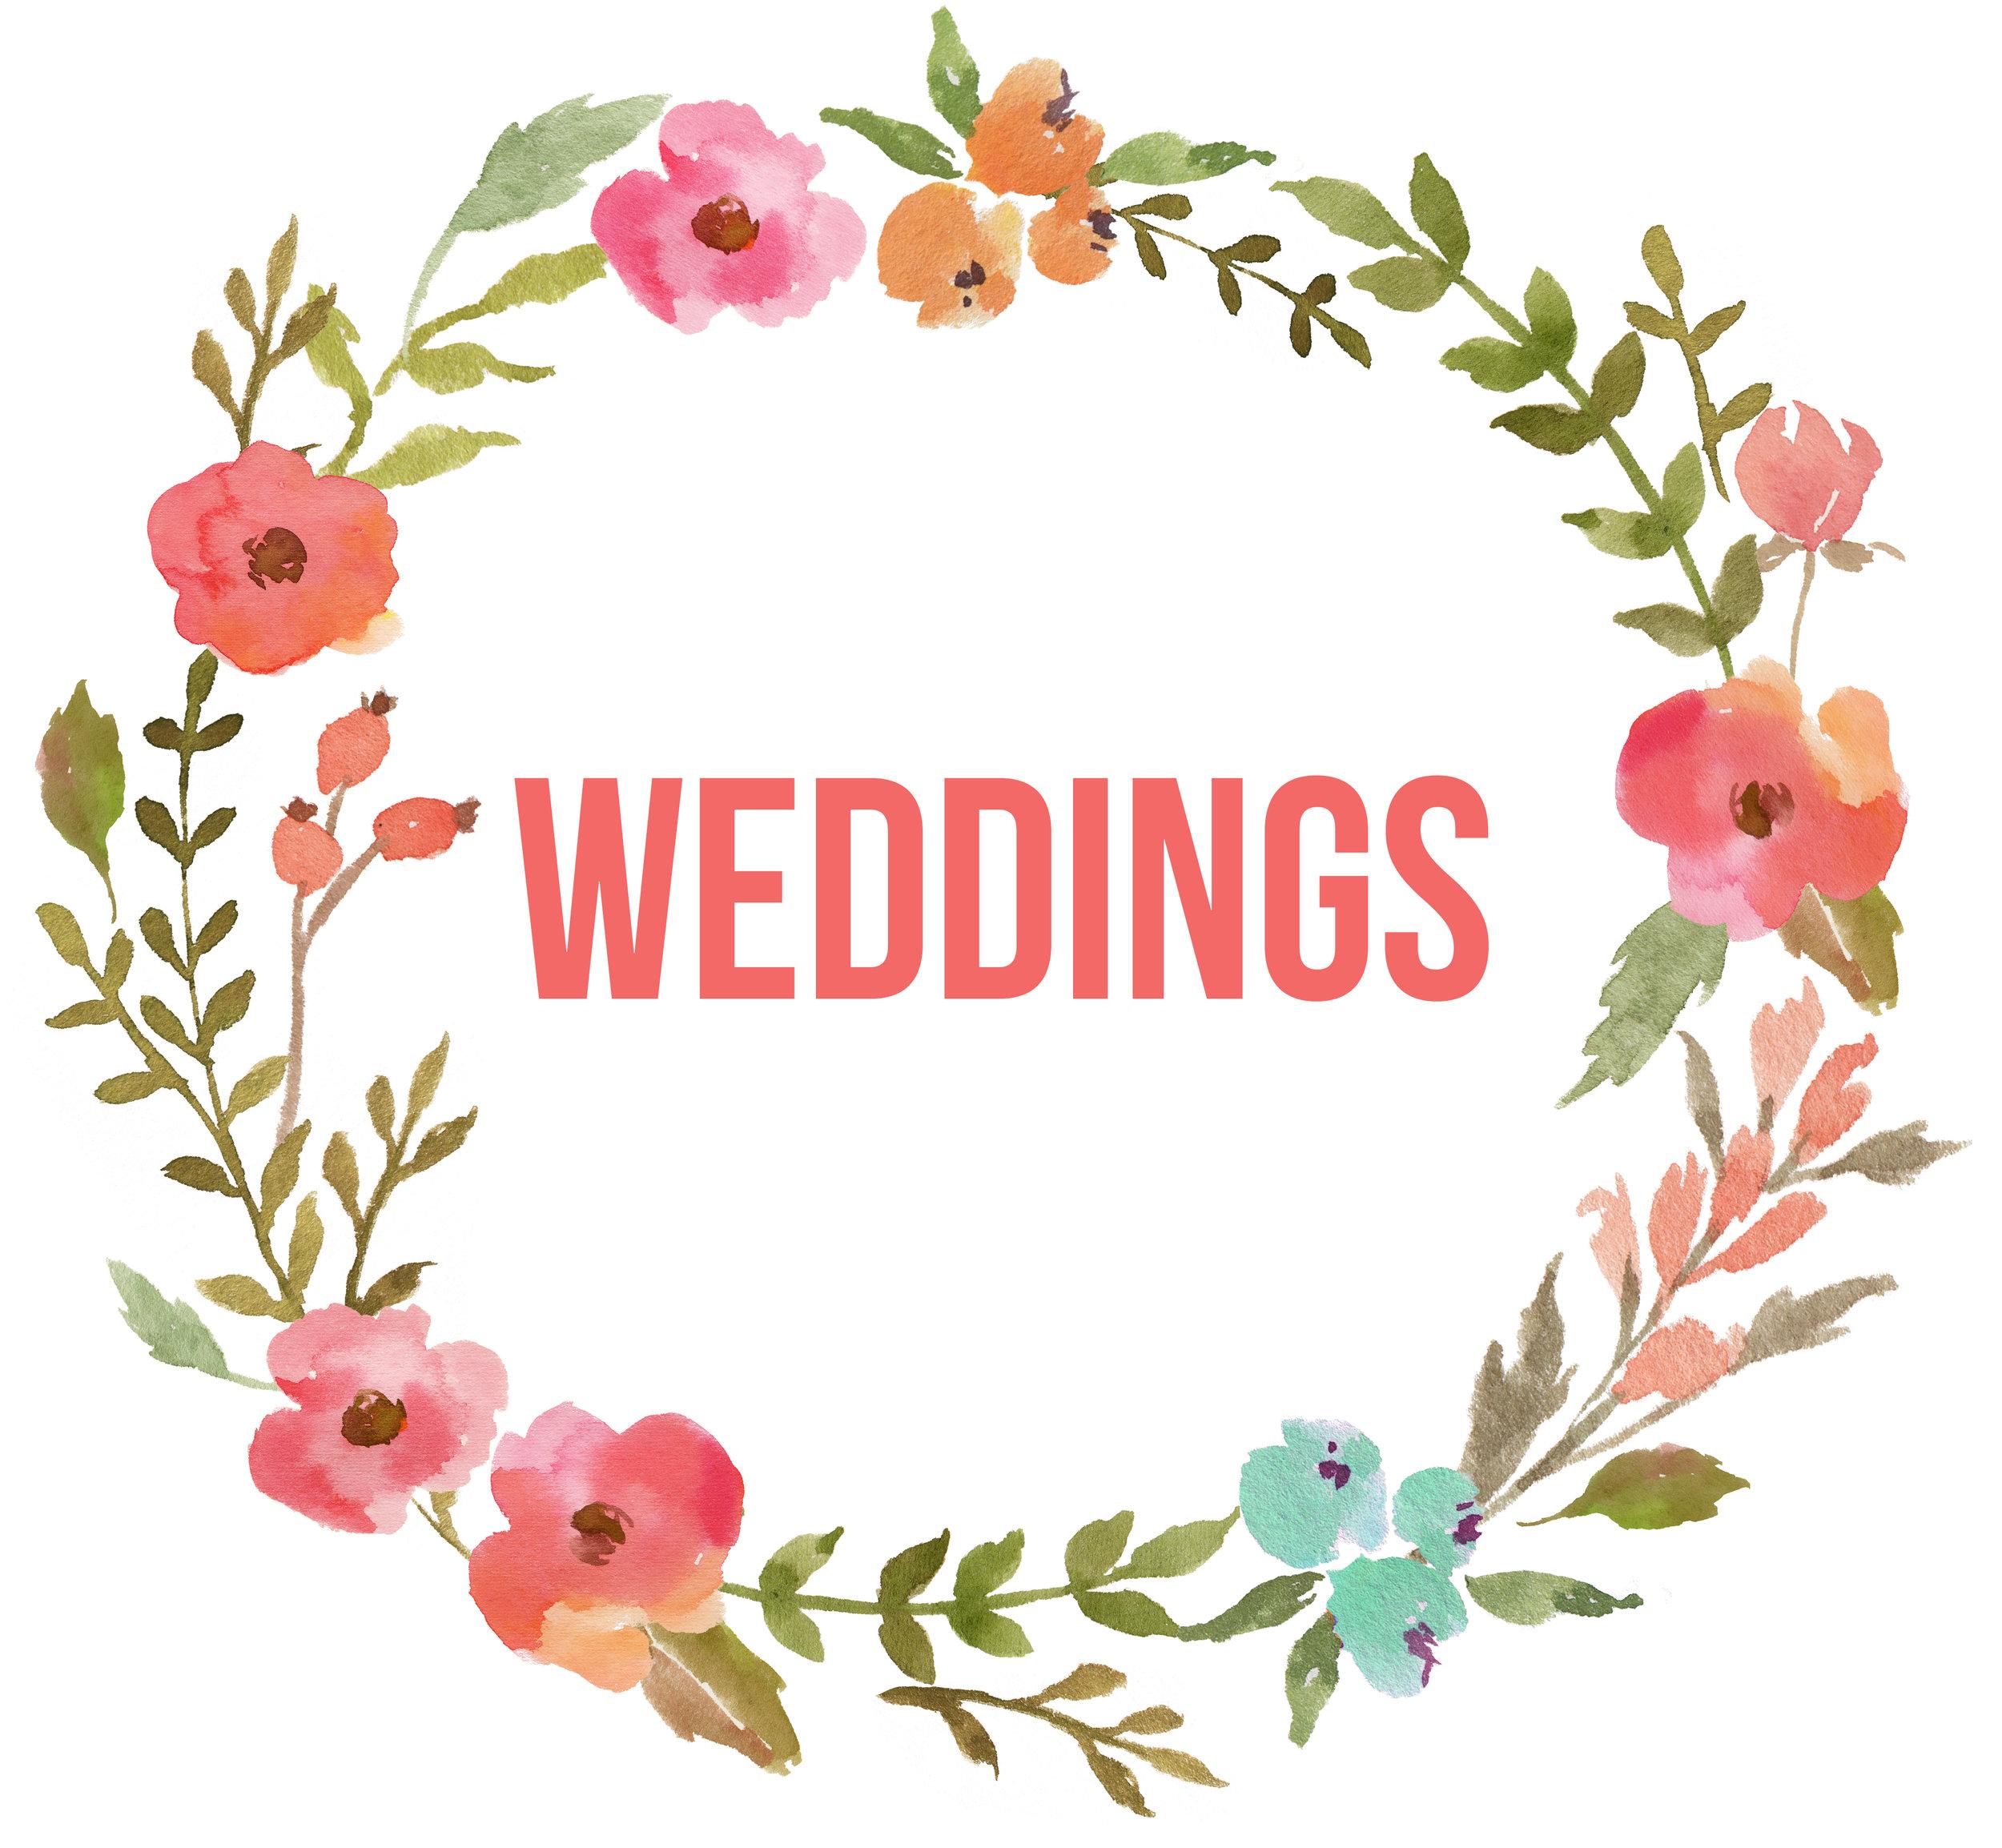 weddingwreath.jpg